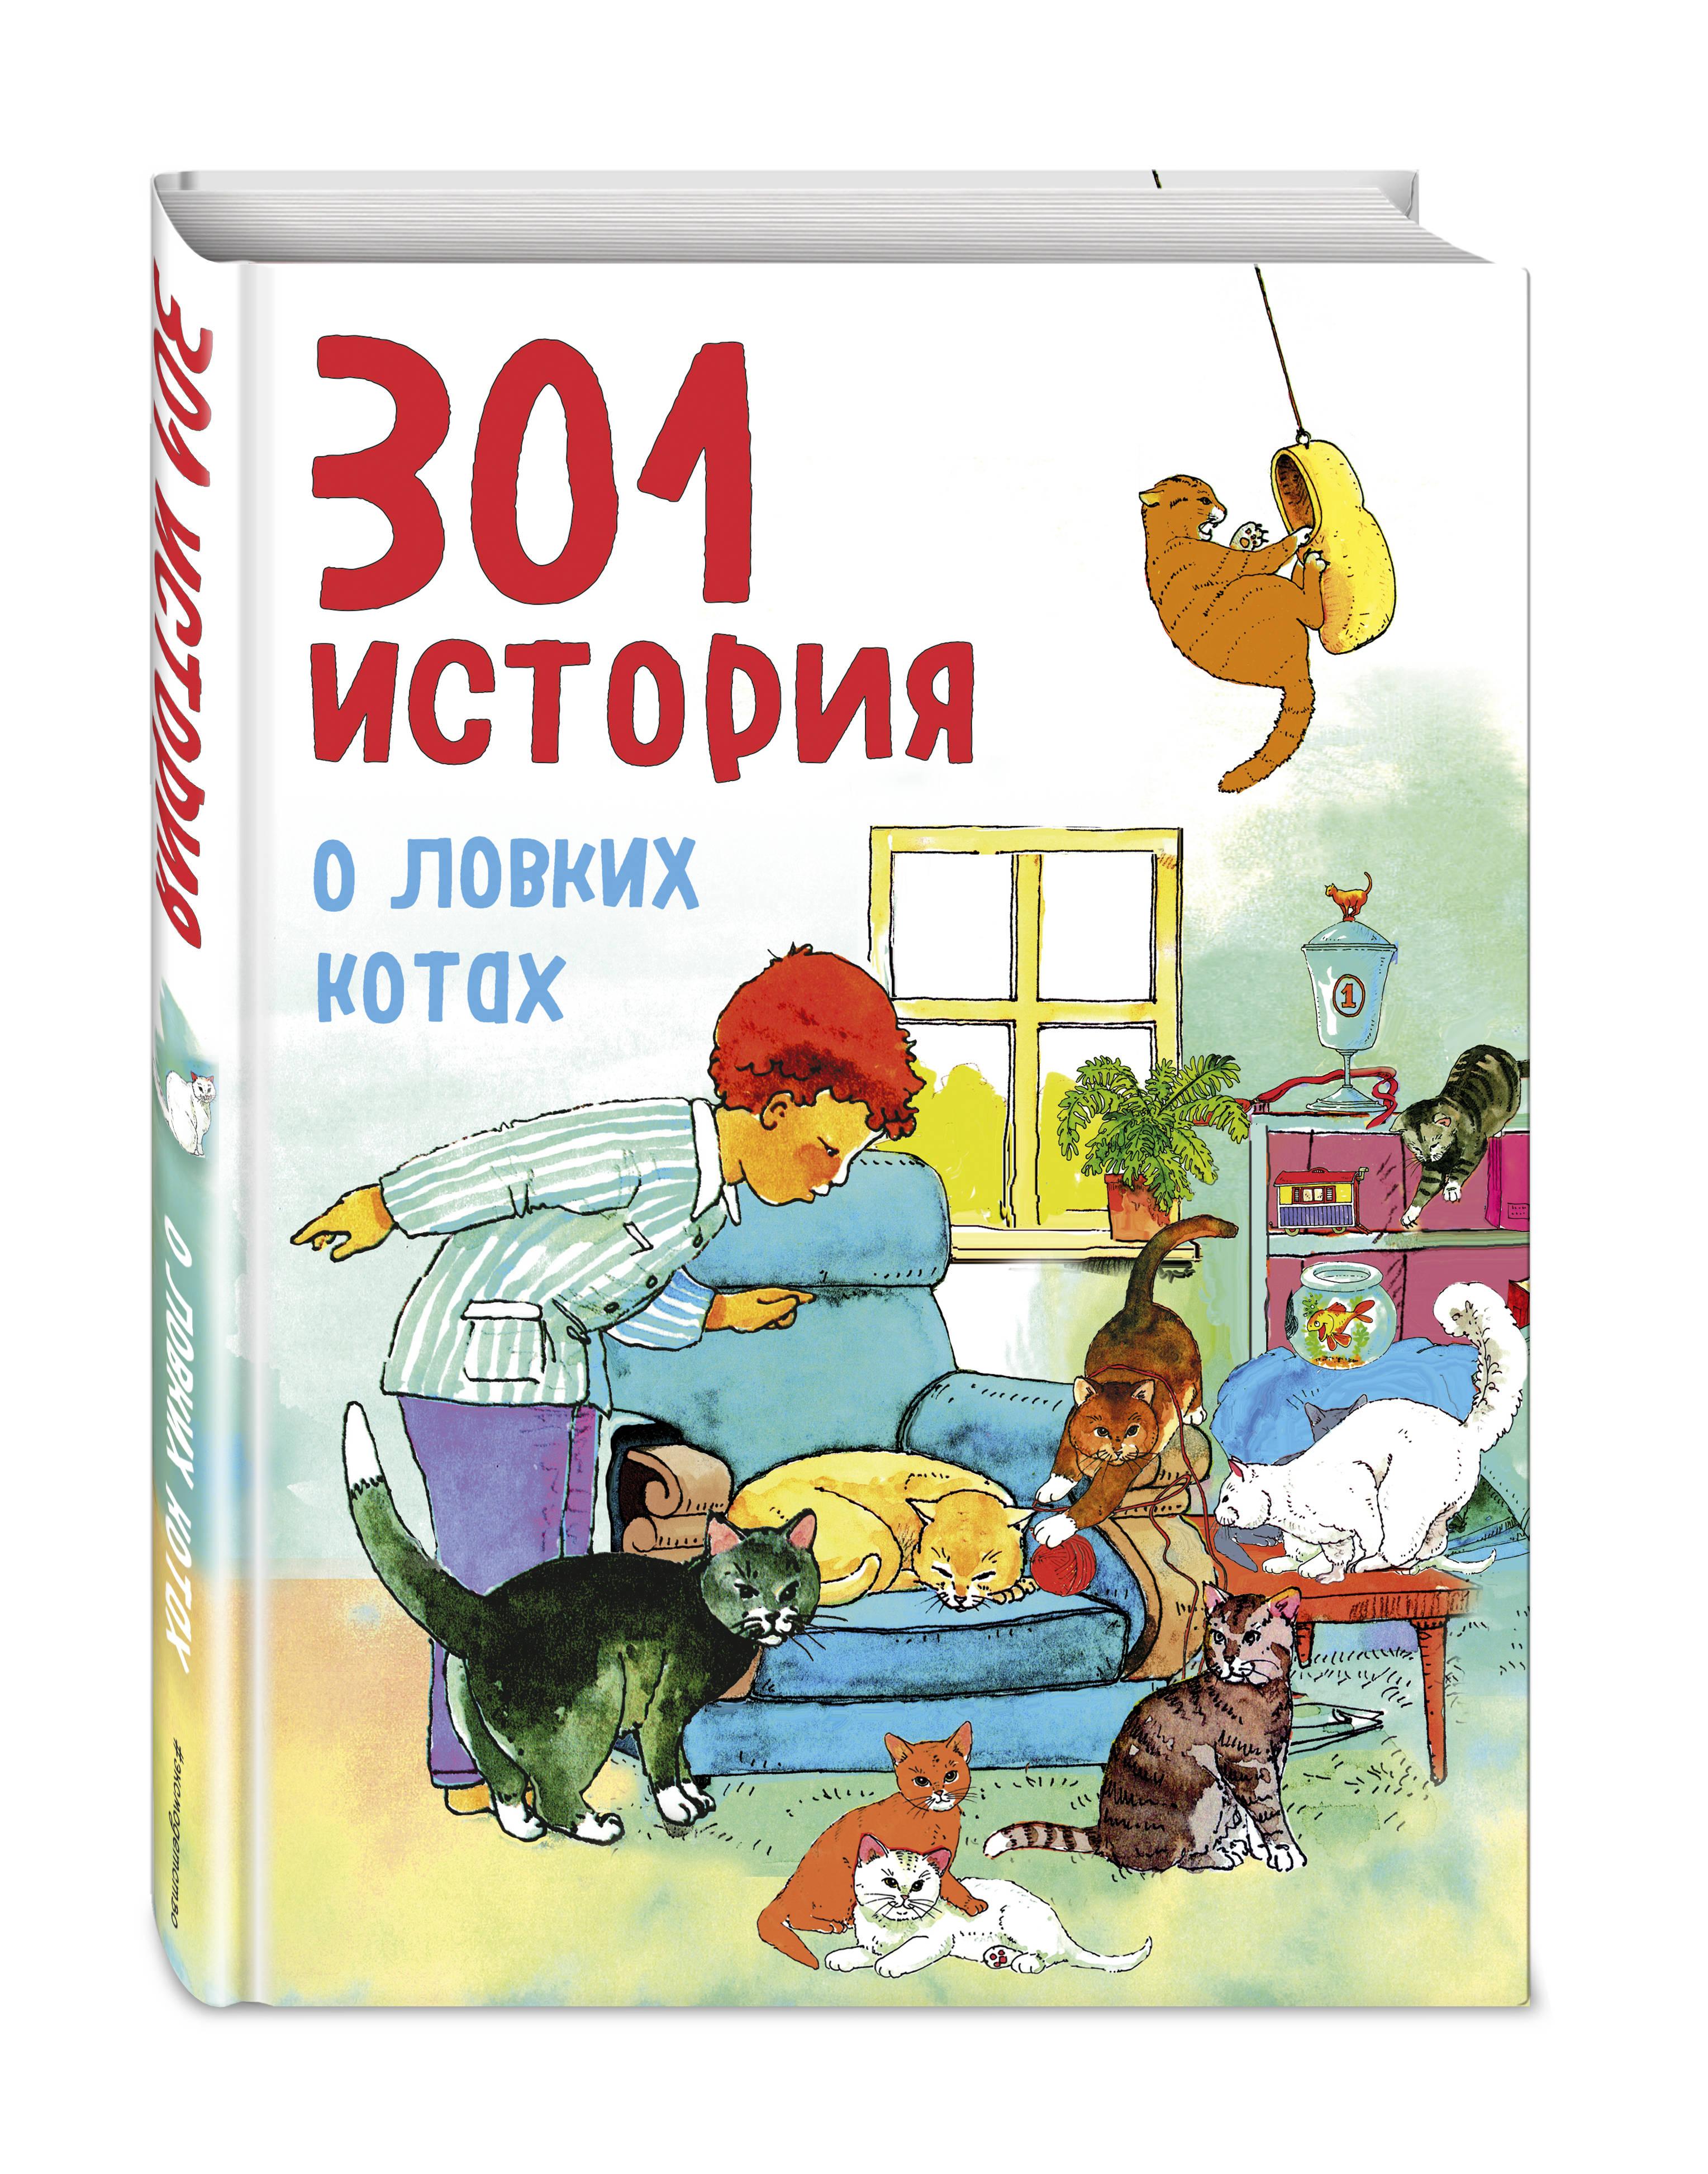 Фрёлих Ф. 301 история о ловких котах f gattien 8873 301